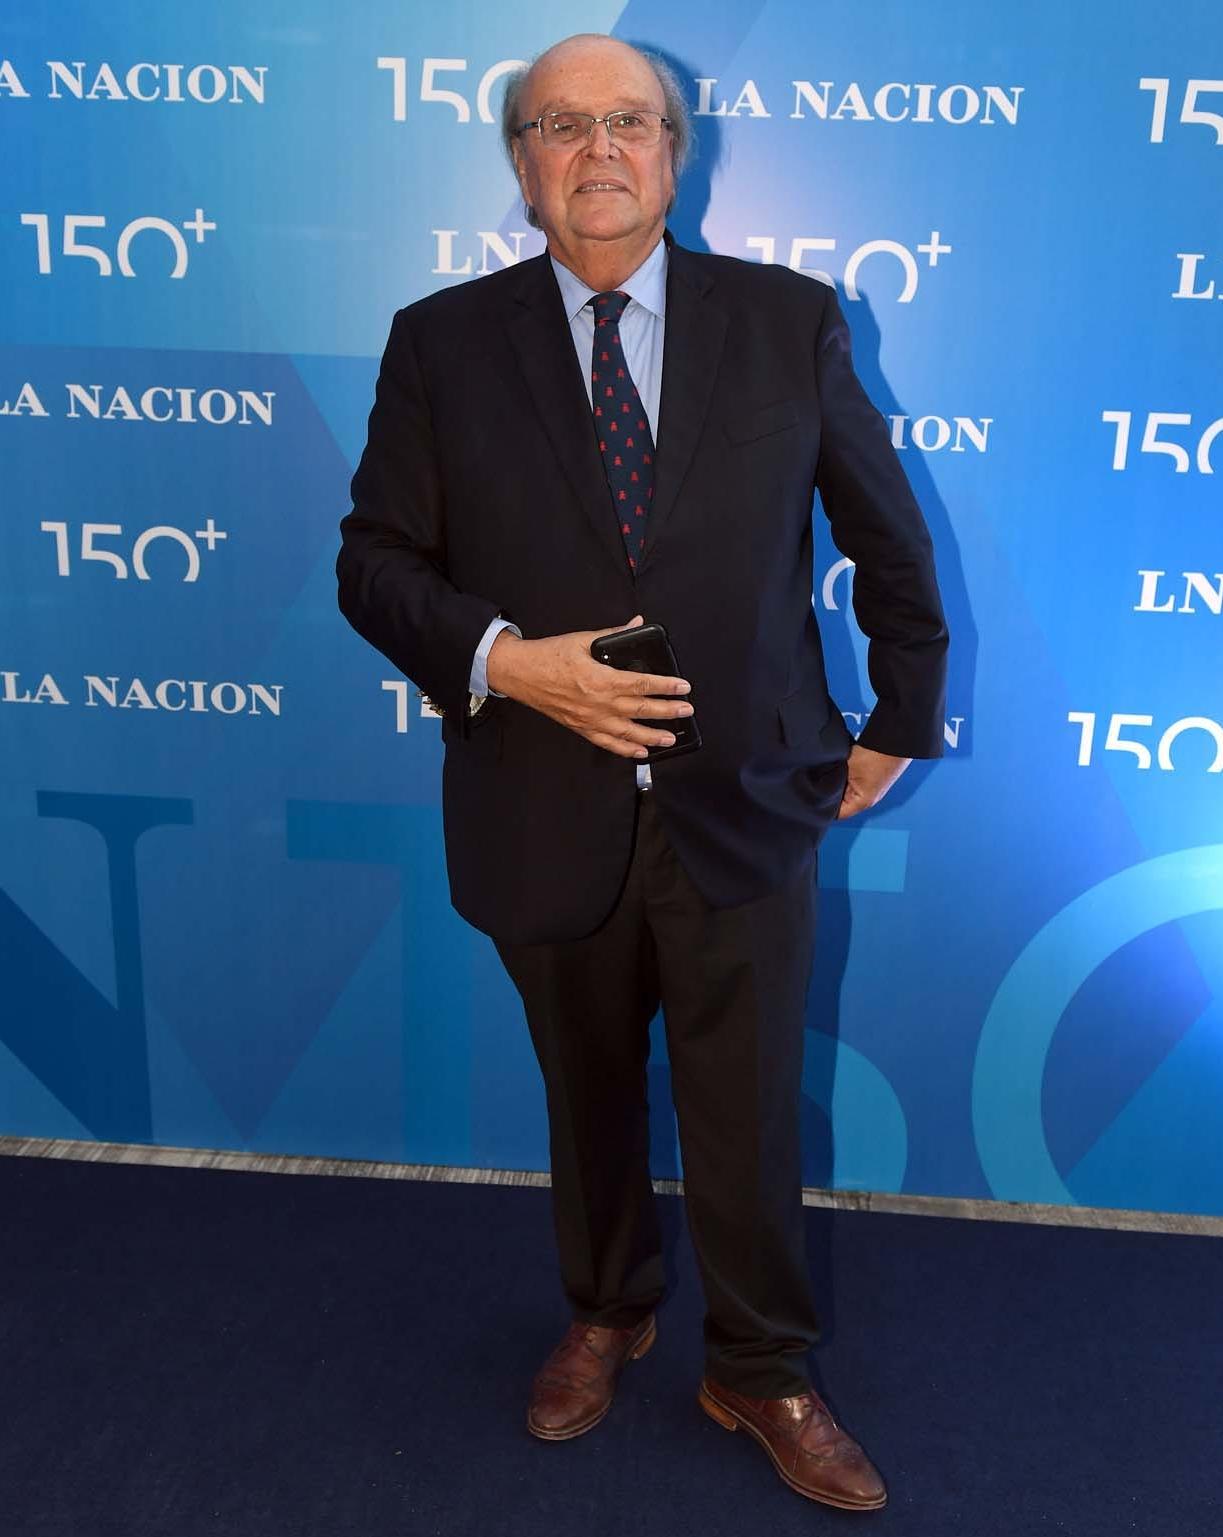 El diputado José Ignacio de Mendiguren